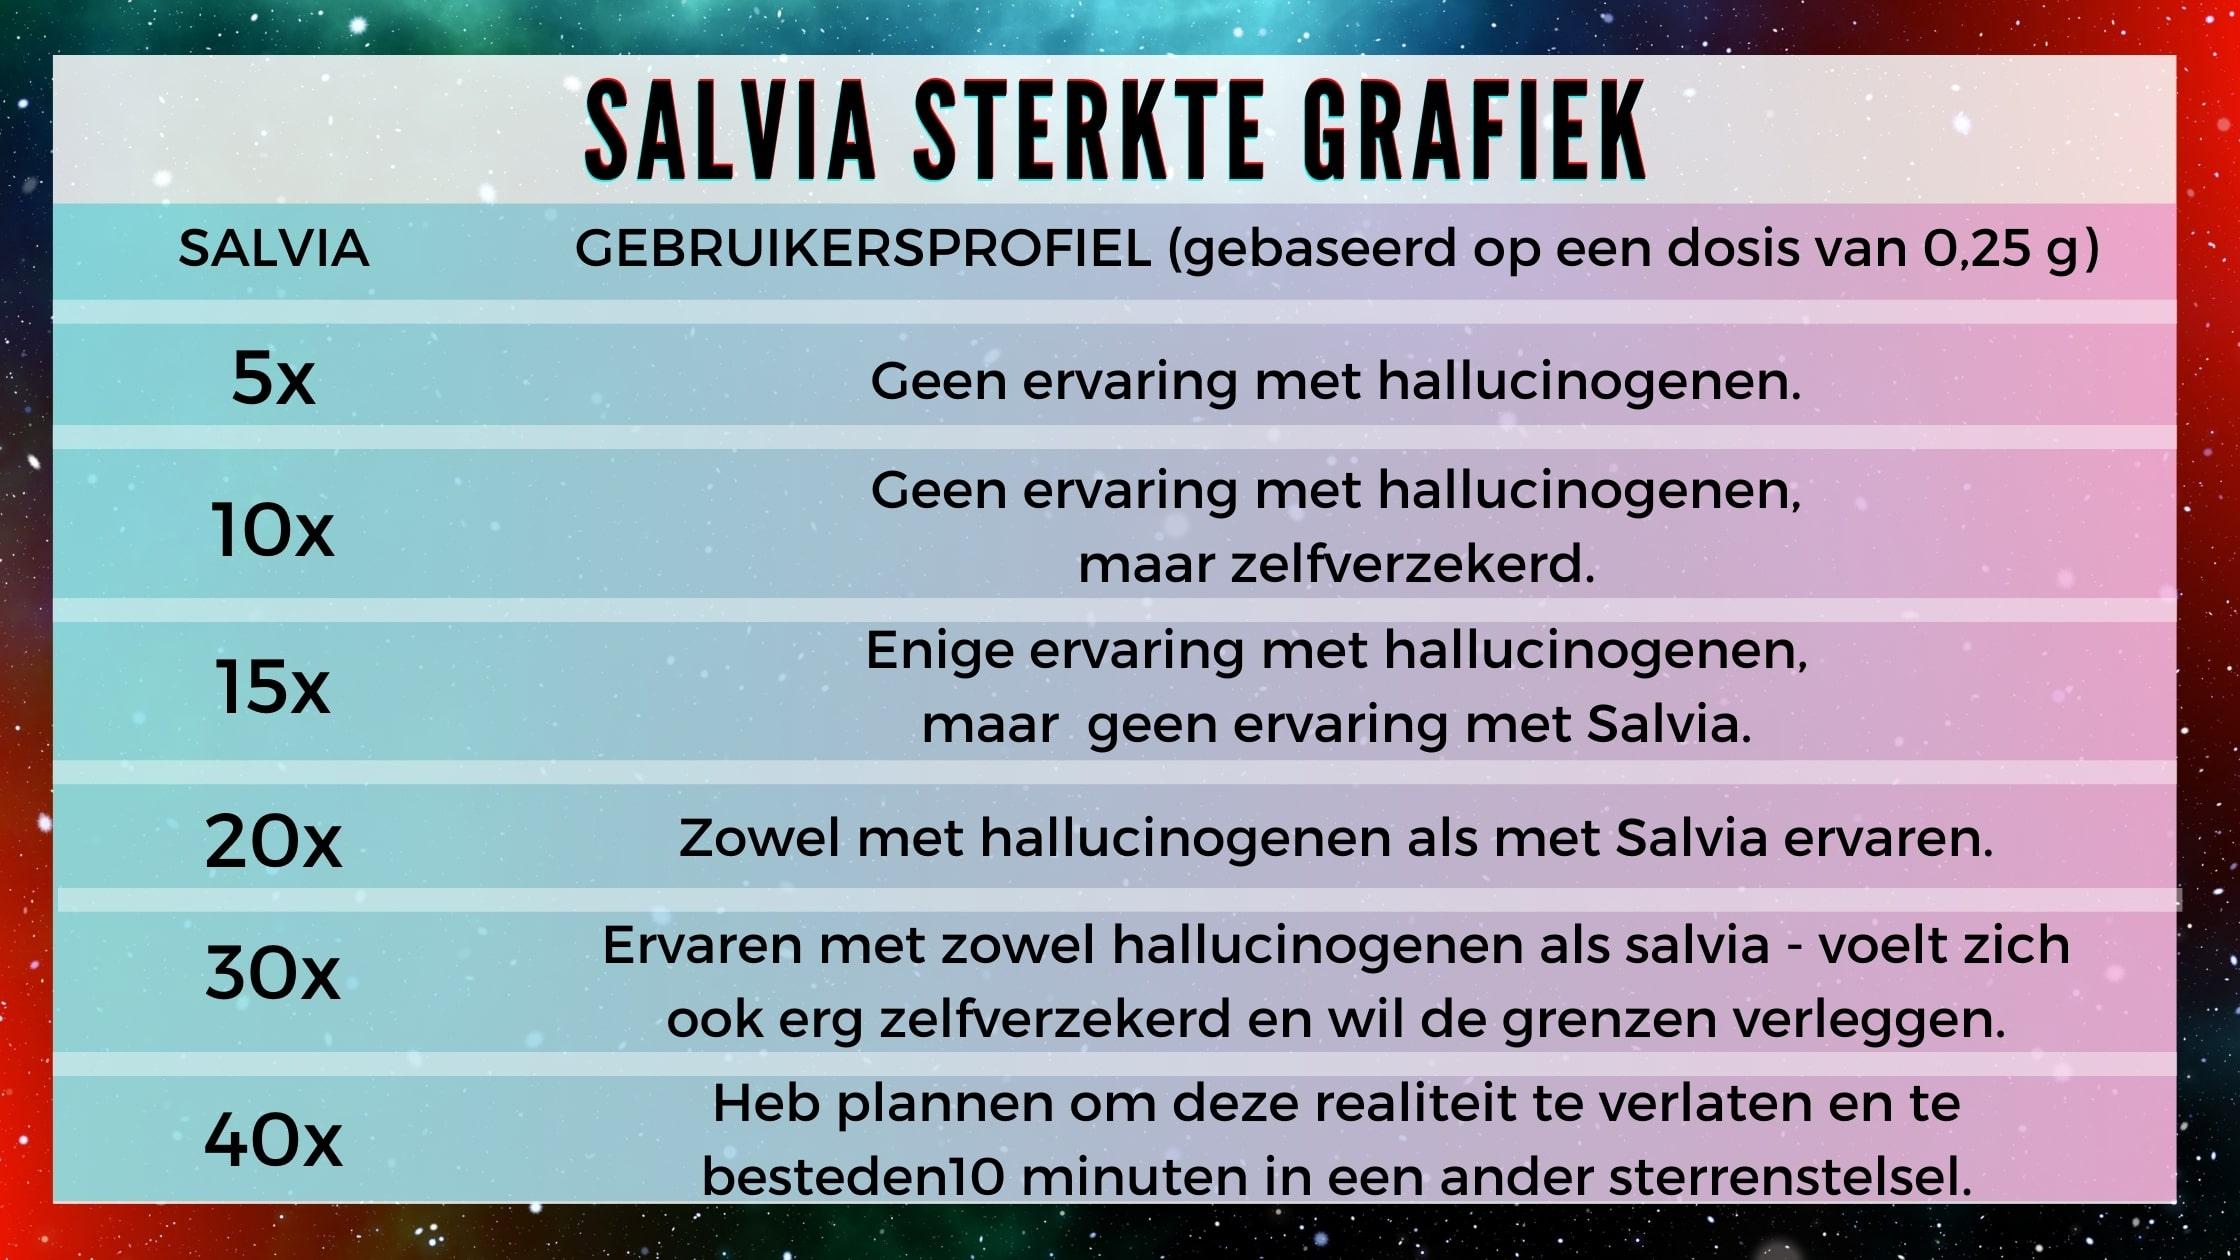 SALVIA divinorum STERKTE GRAFIEK voor extracts smartific